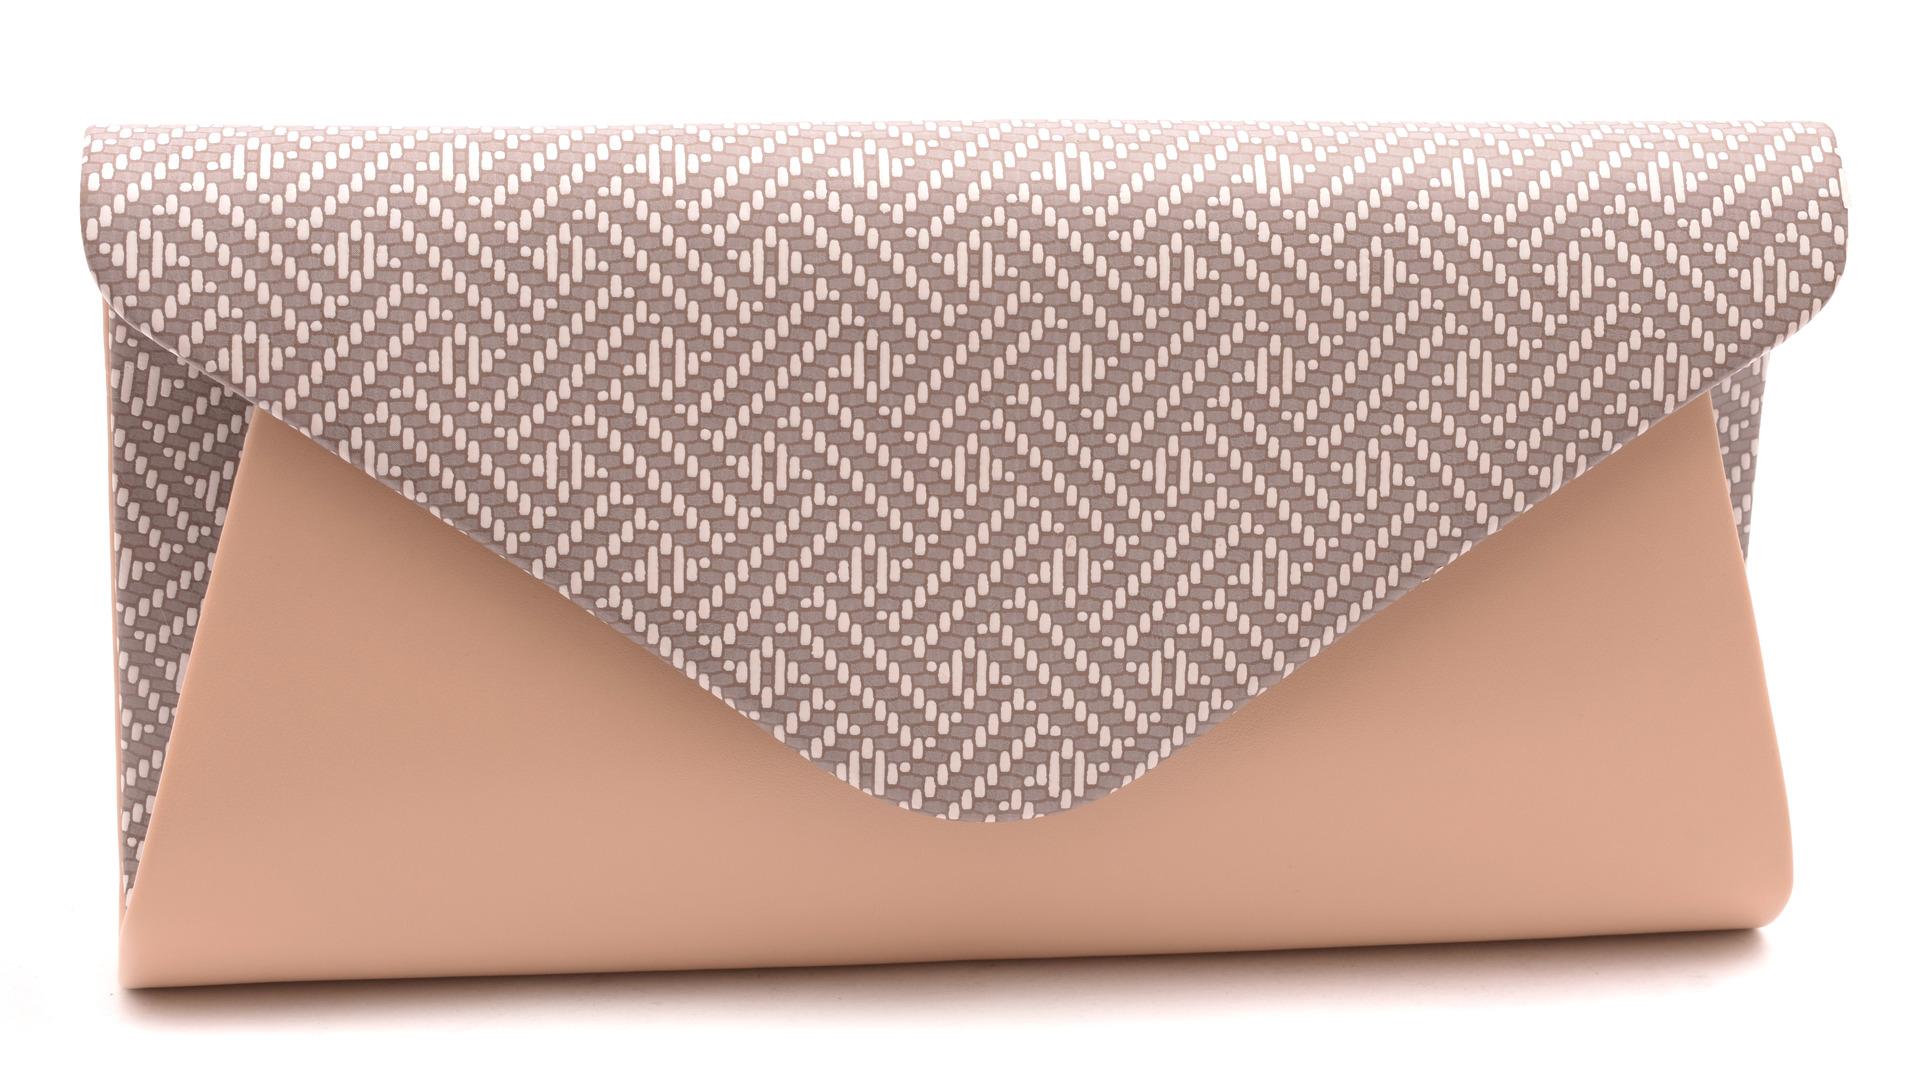 Mercucio - Velkoobchod kožené galanterie - Plesové kabelky - Dámská kabelka  béžová vzor 2296 c6733238231